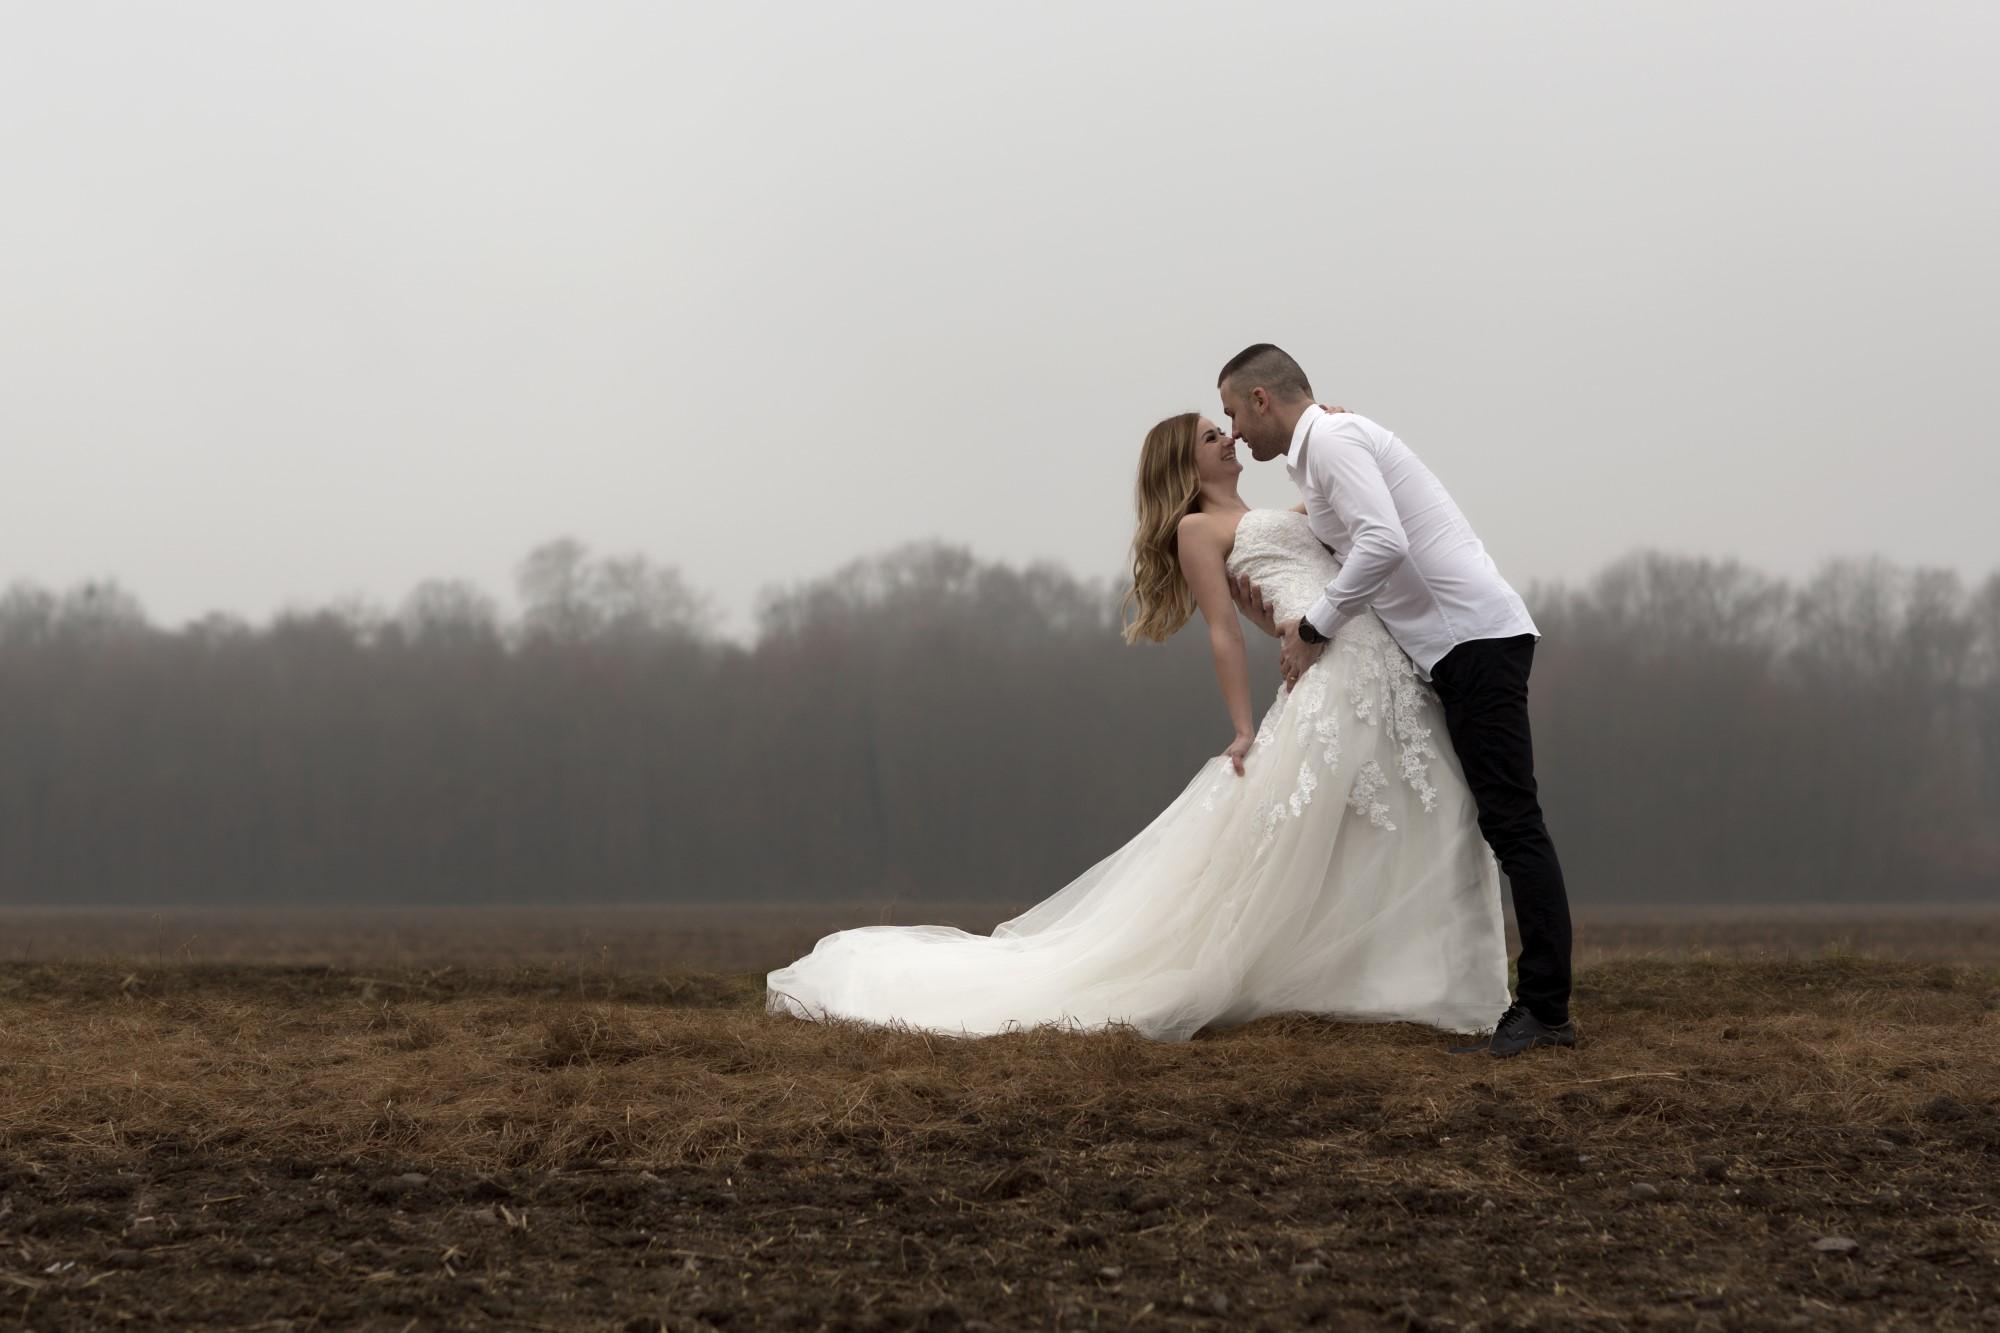 Tanzendes Brautpaar im Feld